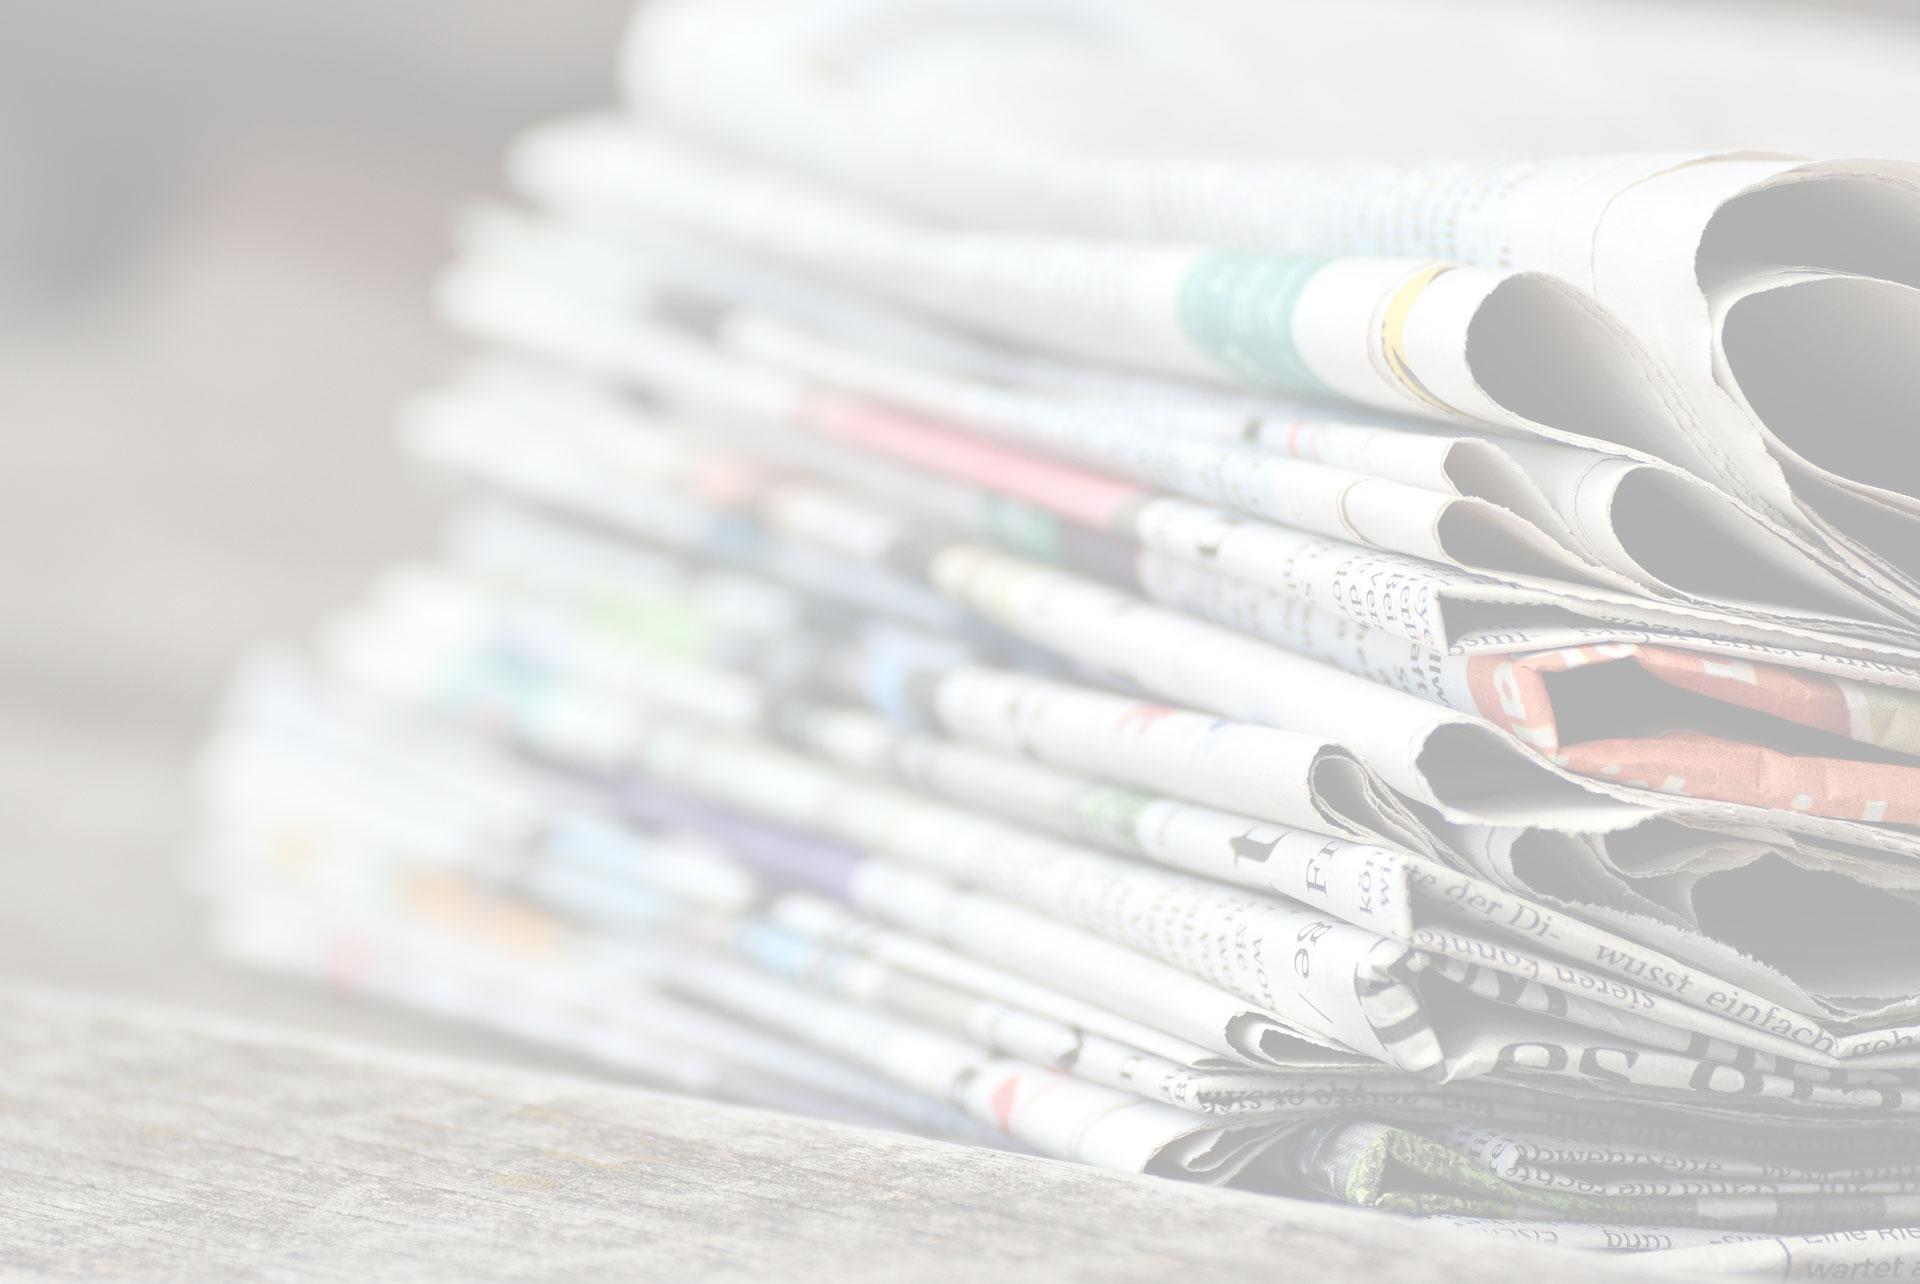 Regno Unito, Keir Starmer nuovo leader del Labour